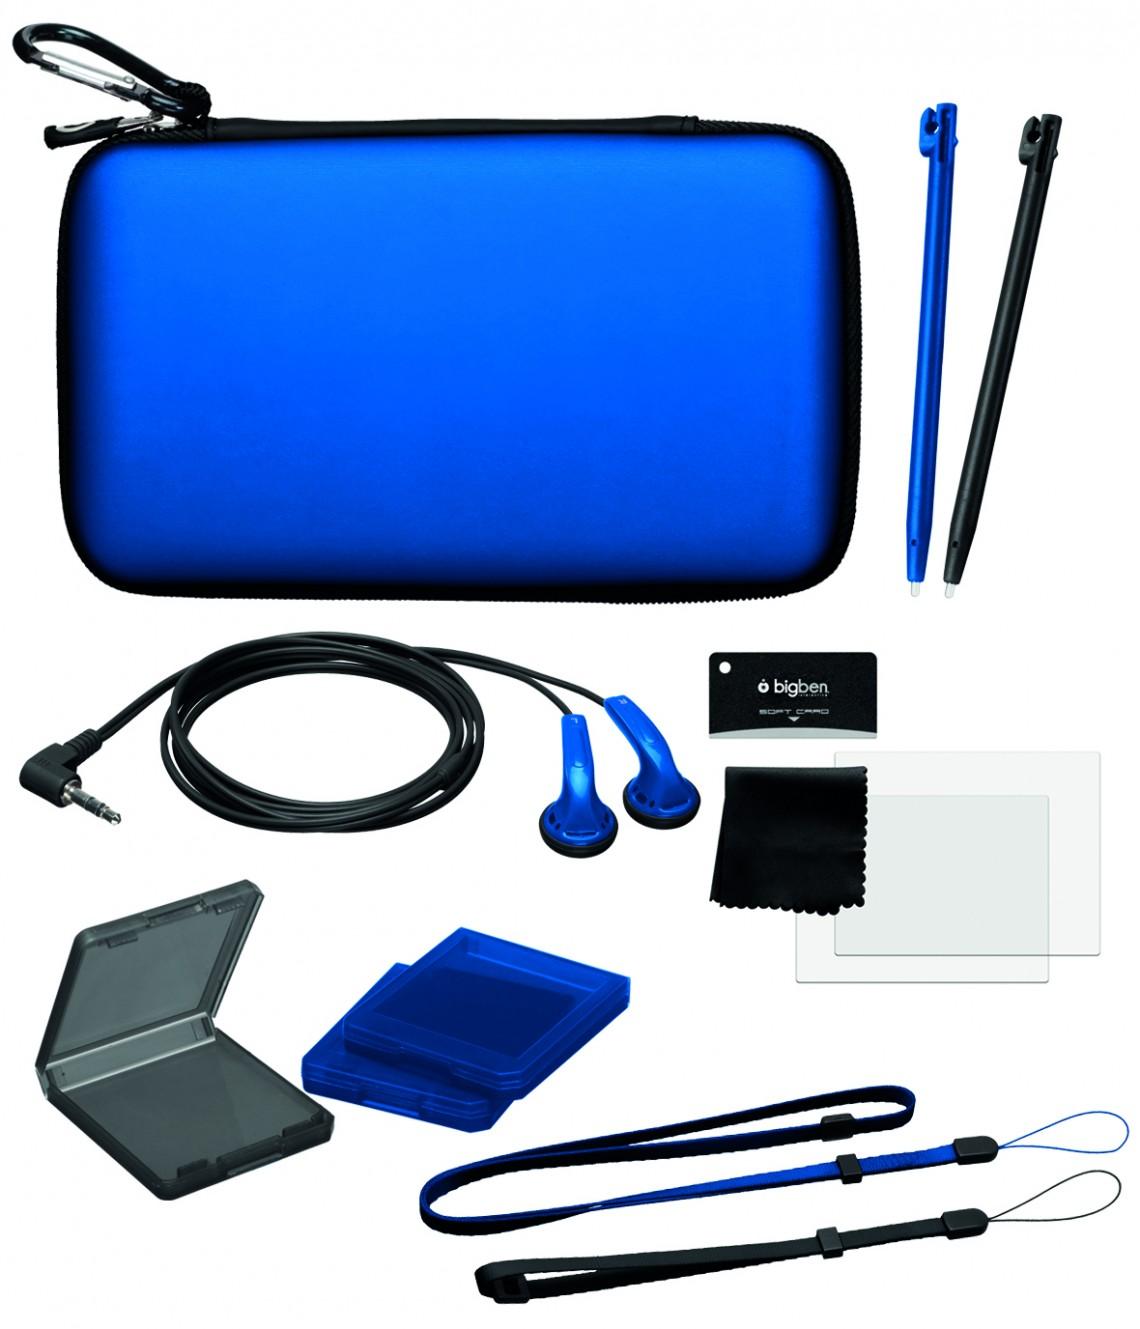 Pack Essential per 3DS™ XL - Immagine #3